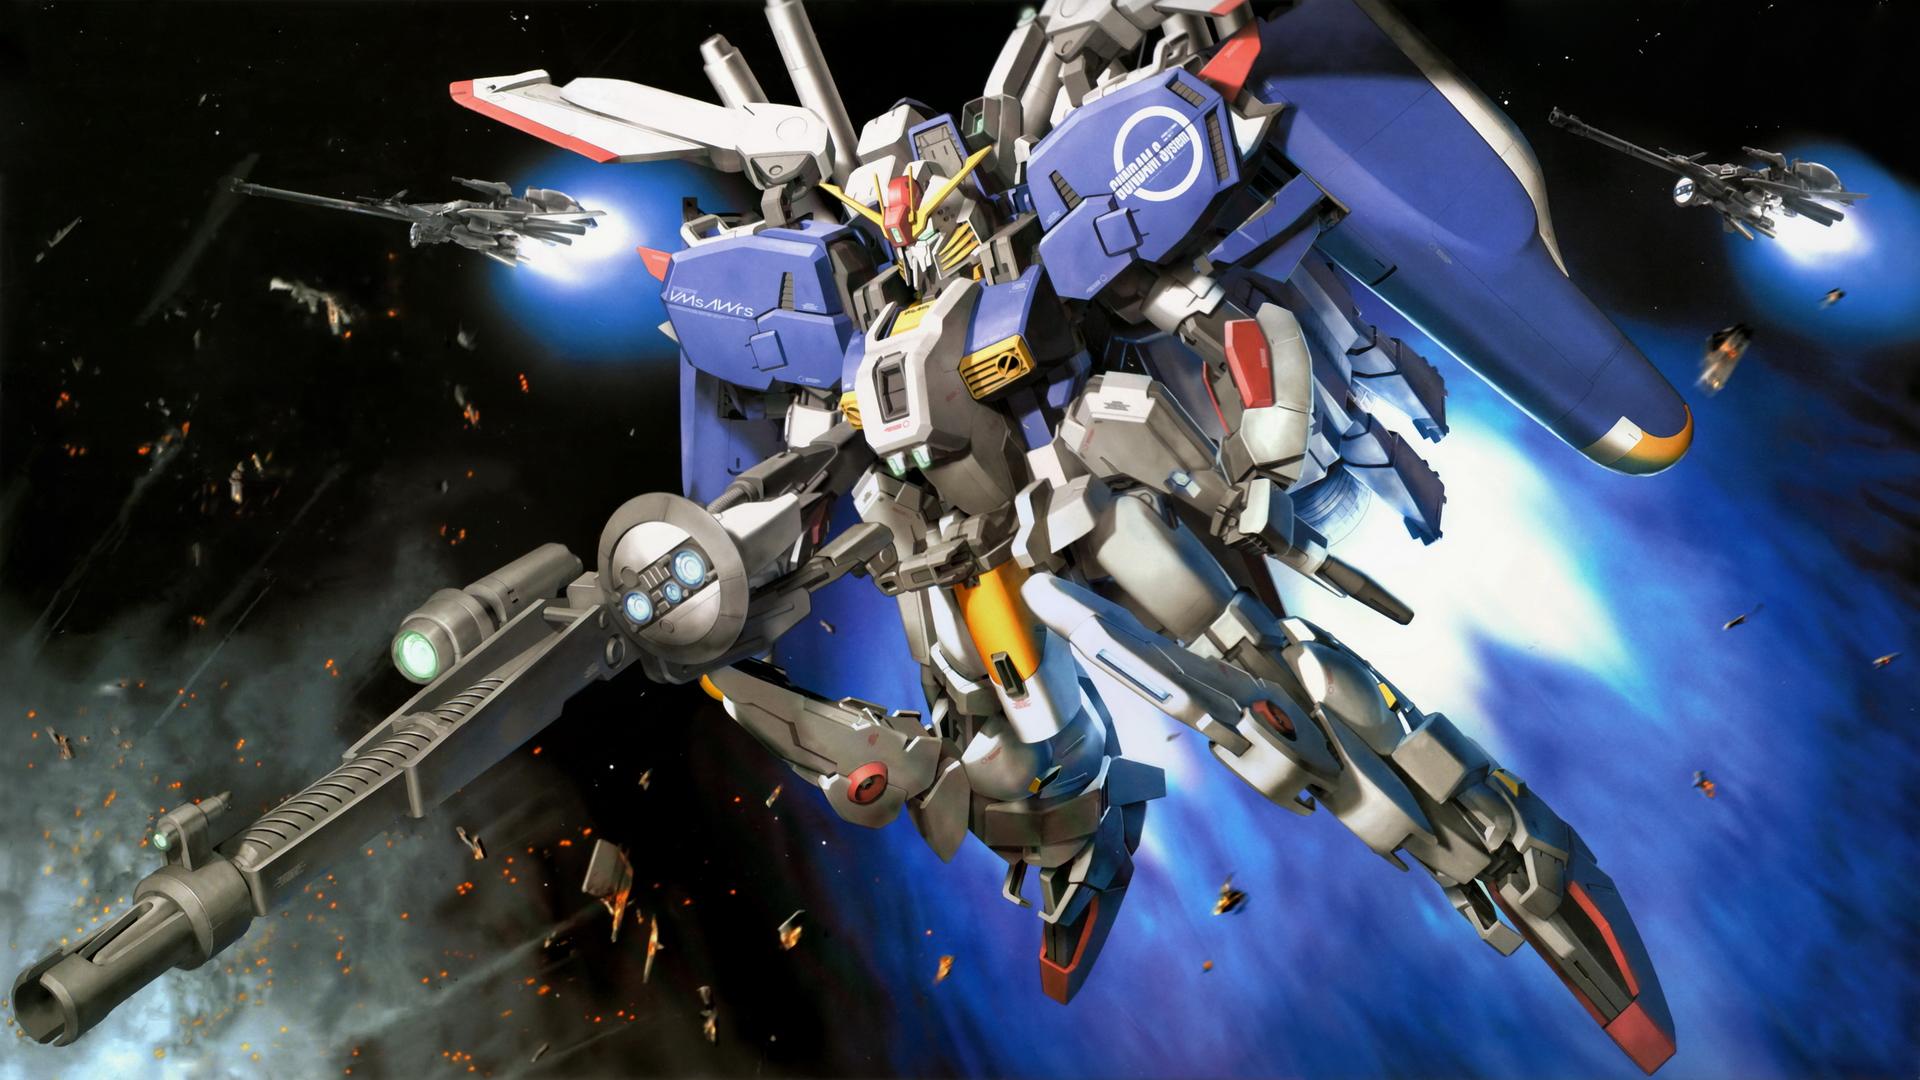 Gundam Wallpapers HD Desktop Wallpapers Gundam Wallpapers 102jpg 1920x1080